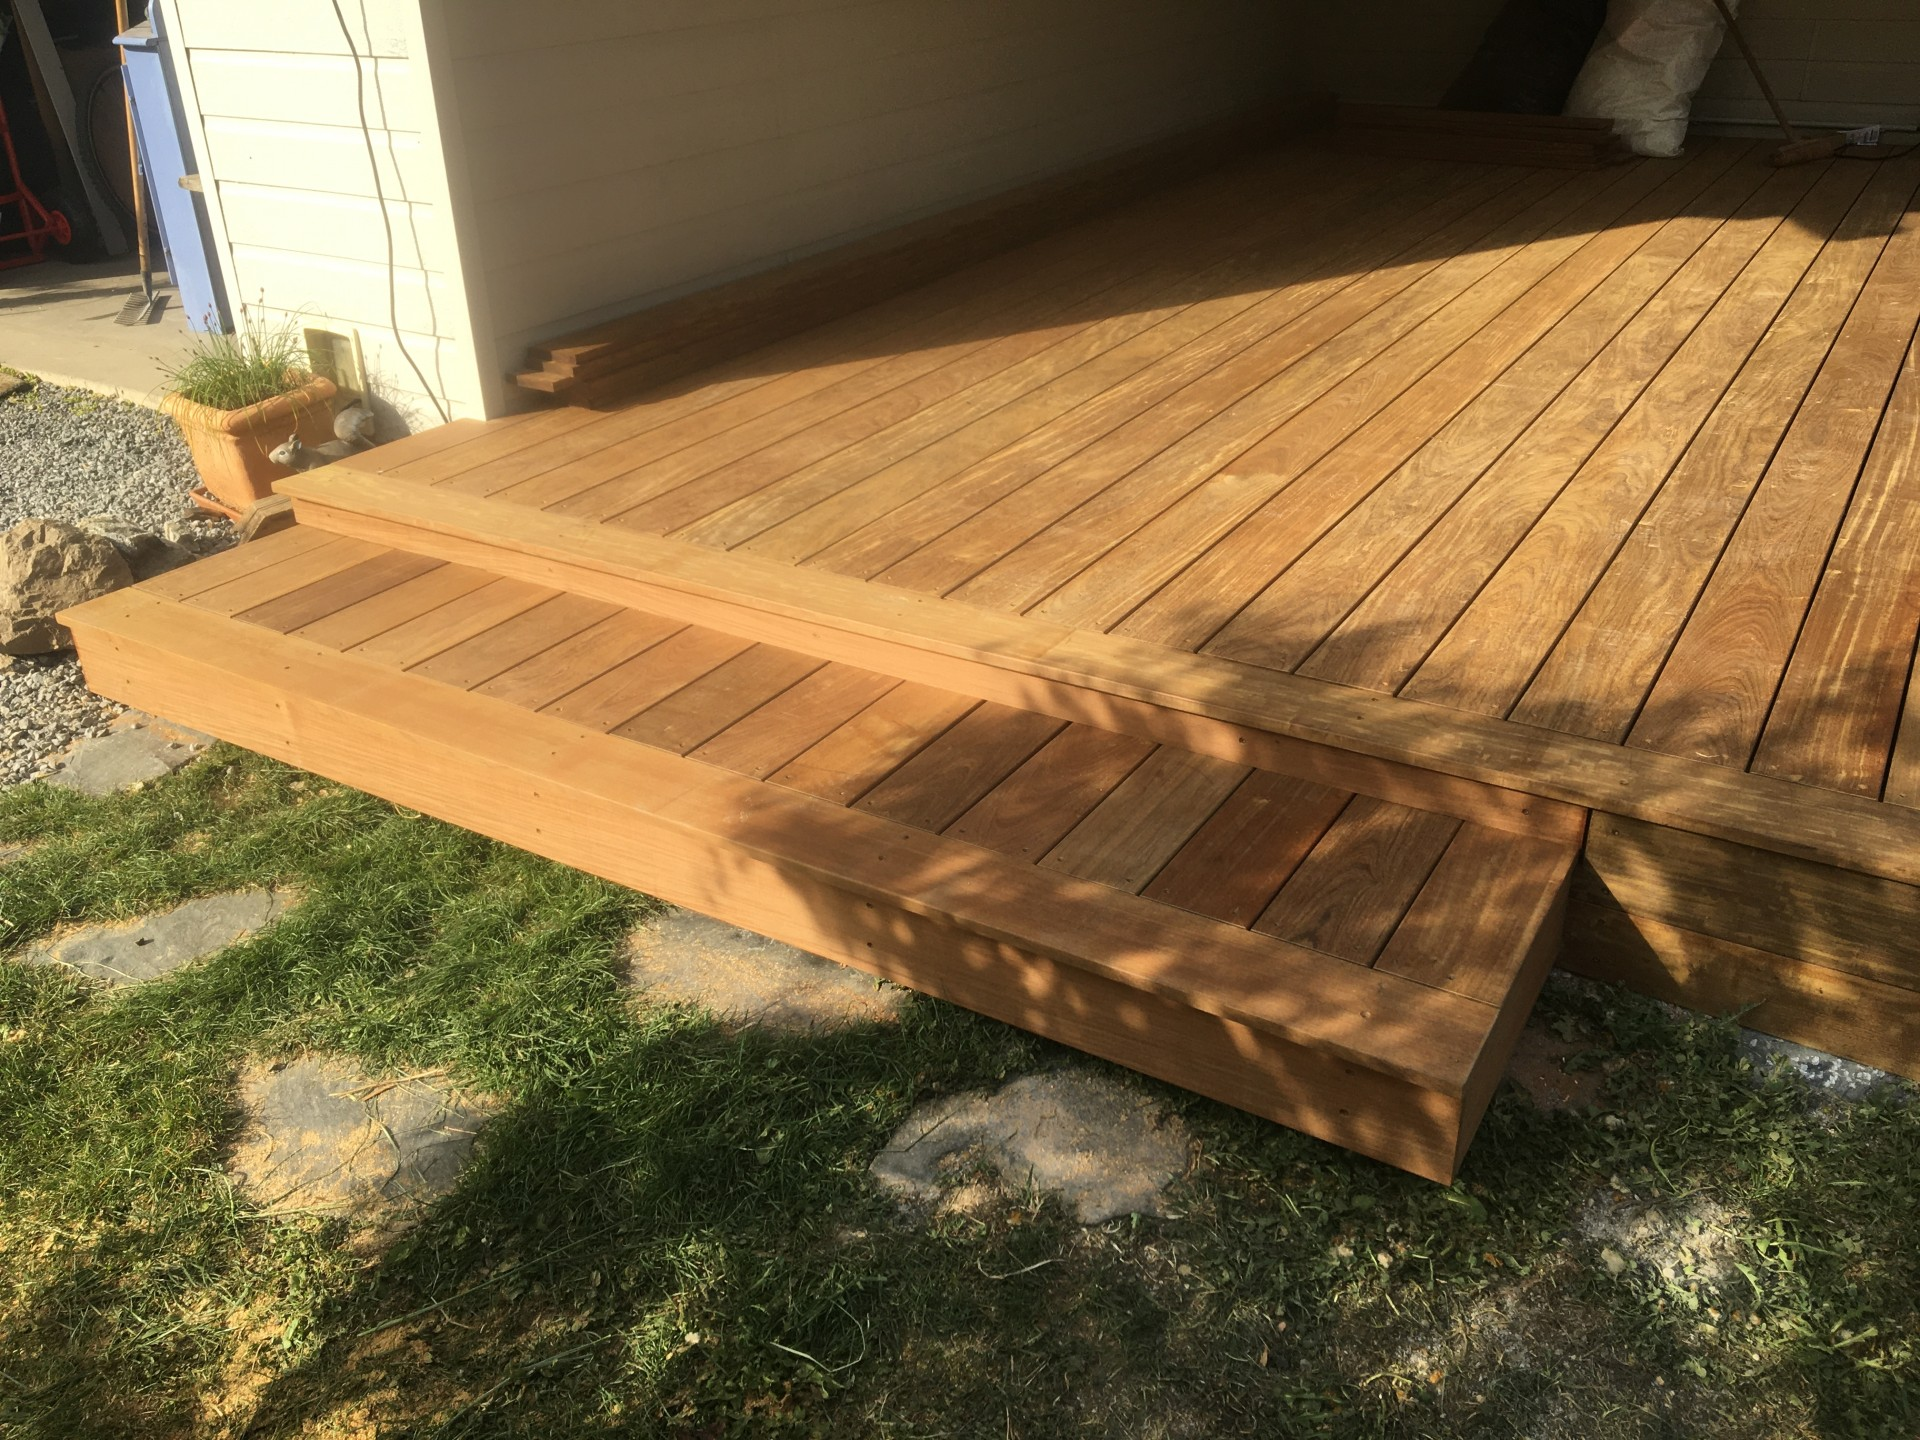 réalisation d'une terrasse en bois exotique à FAVERGES